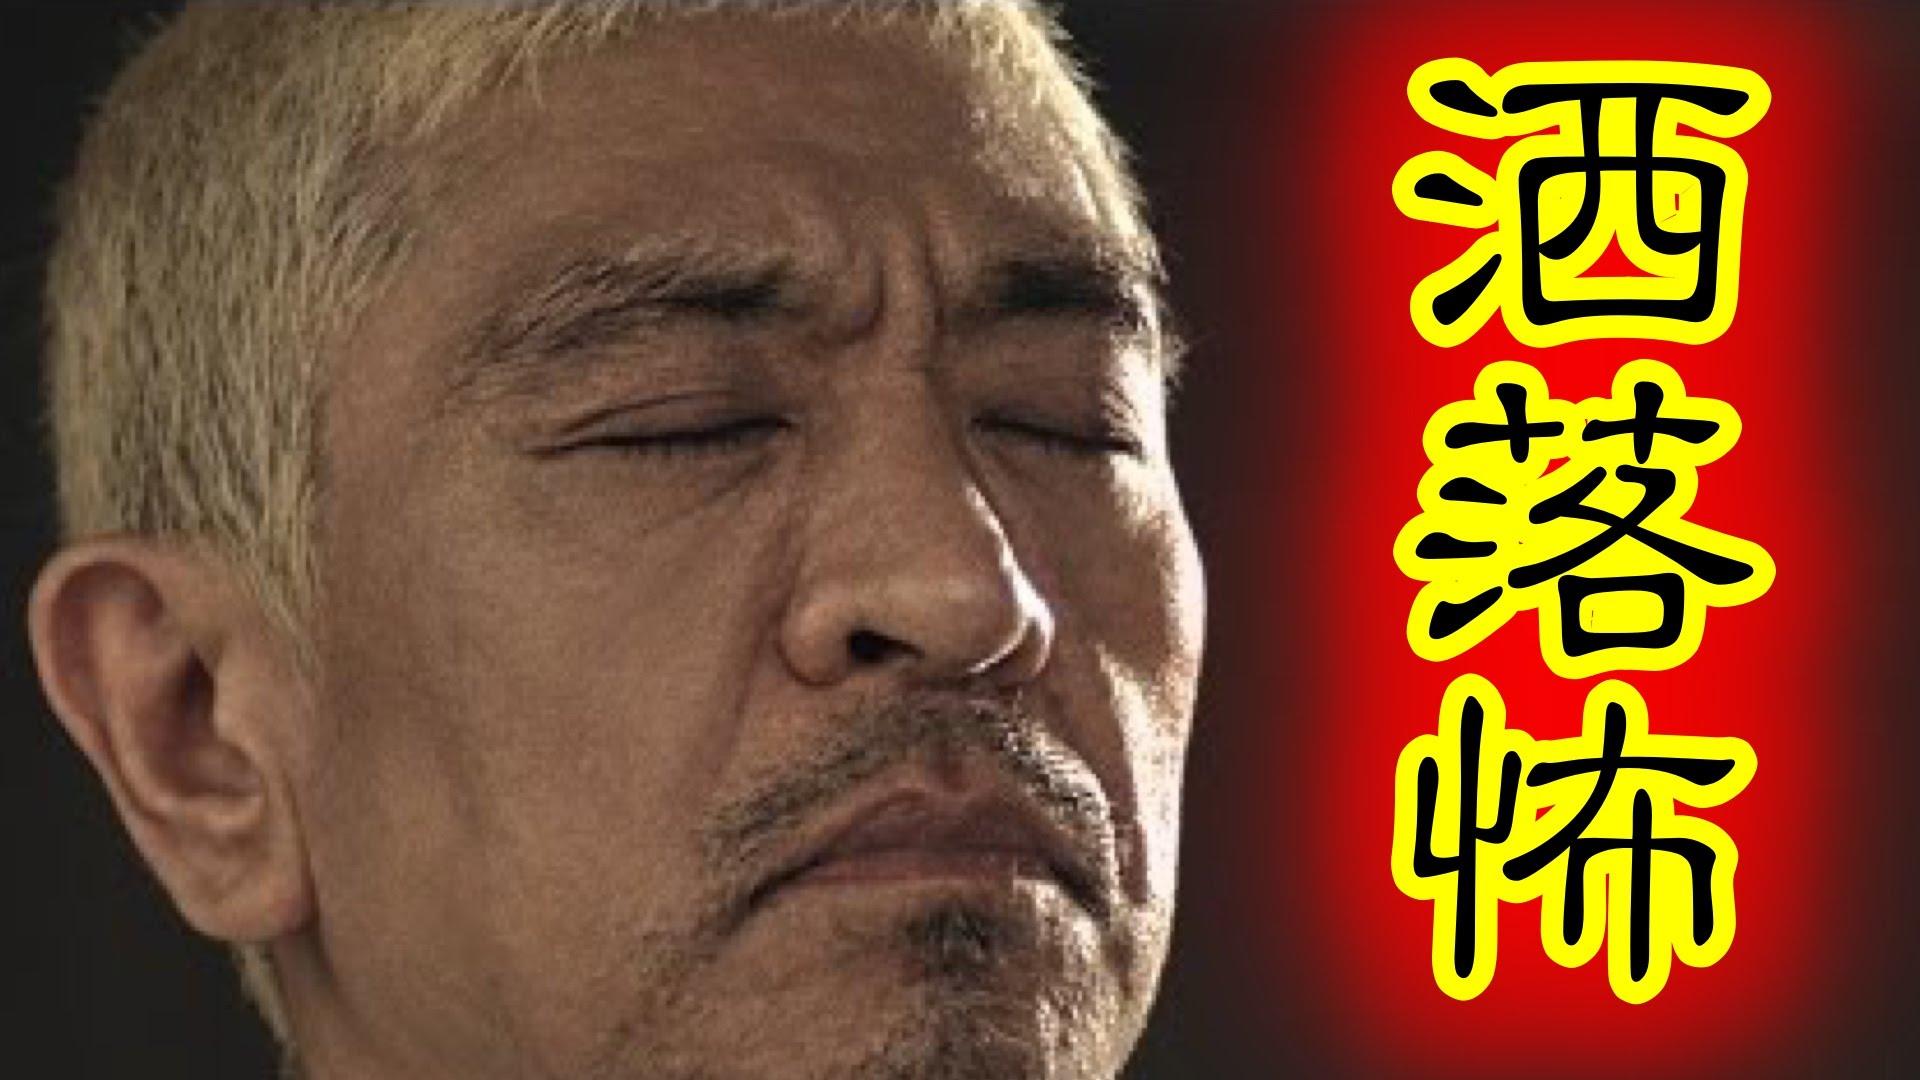 【洒落怖】松本人志さんの「ガキ使」でのワンシーン…よく聞いてみると怖くて足が震えたwww